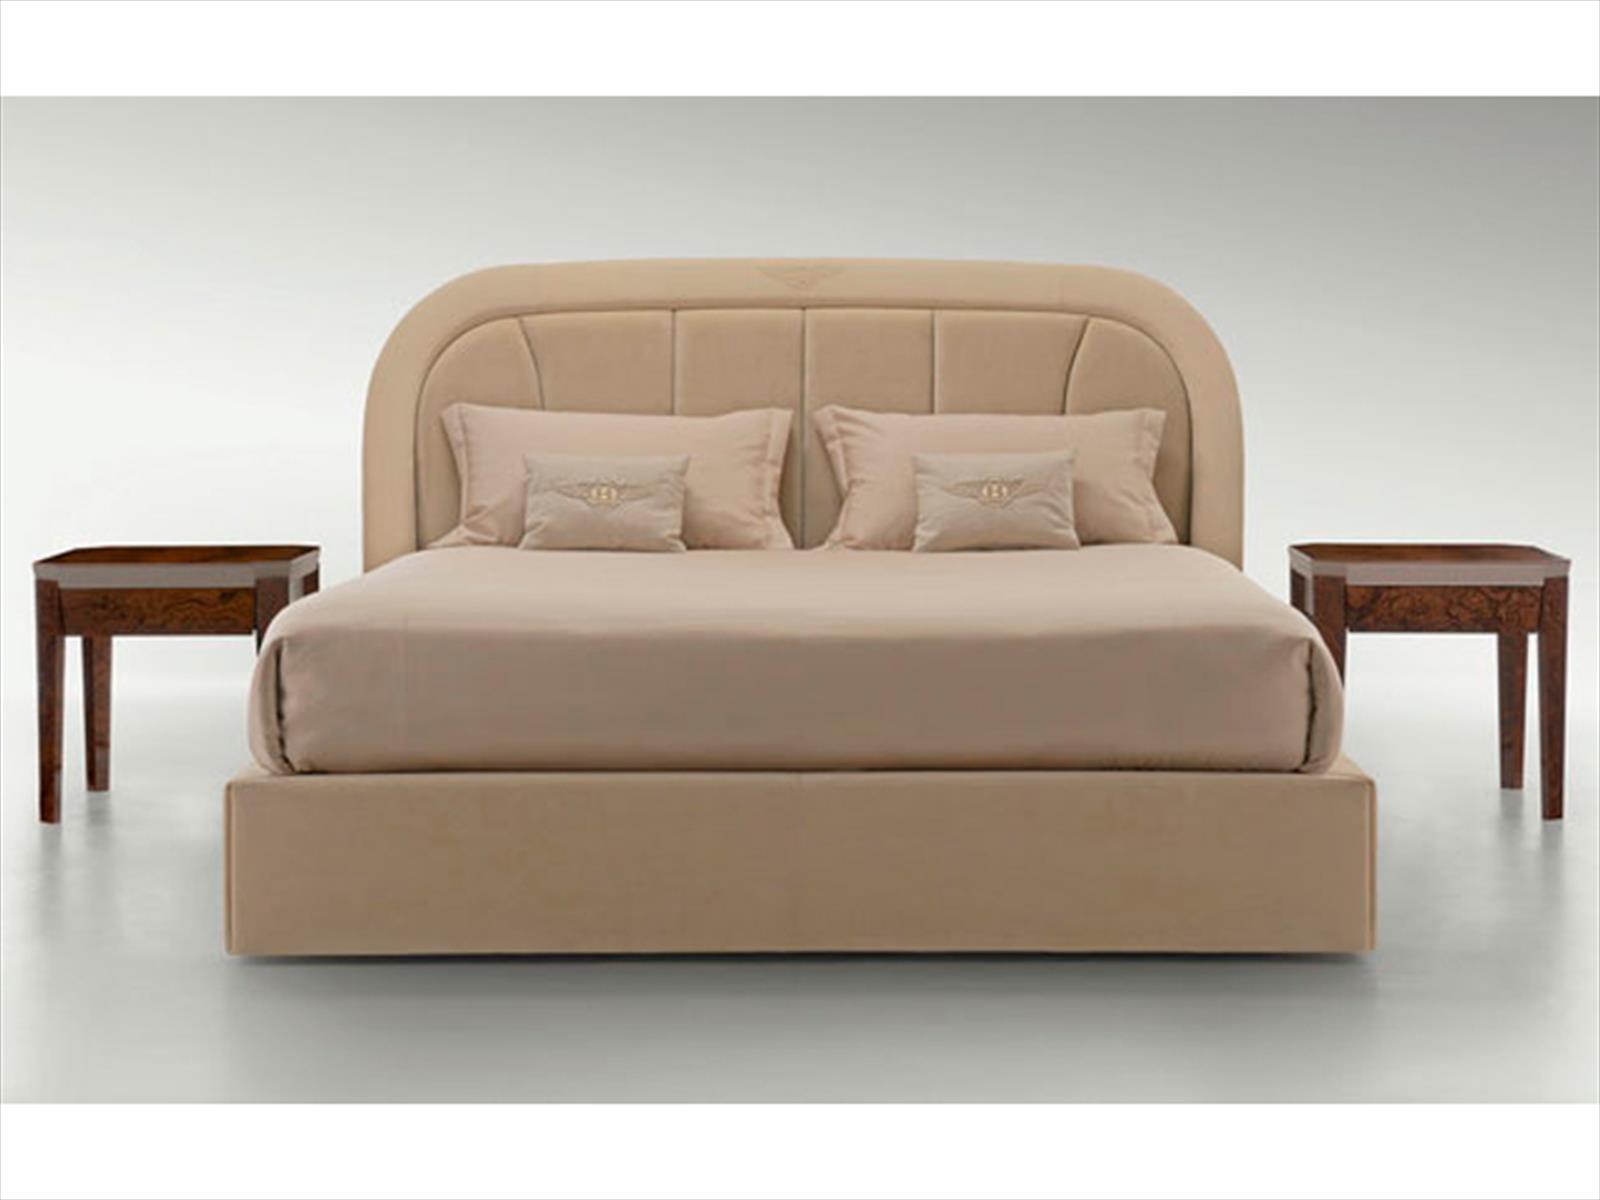 Bentley presenta su nueva l nea de muebles for La europea muebles